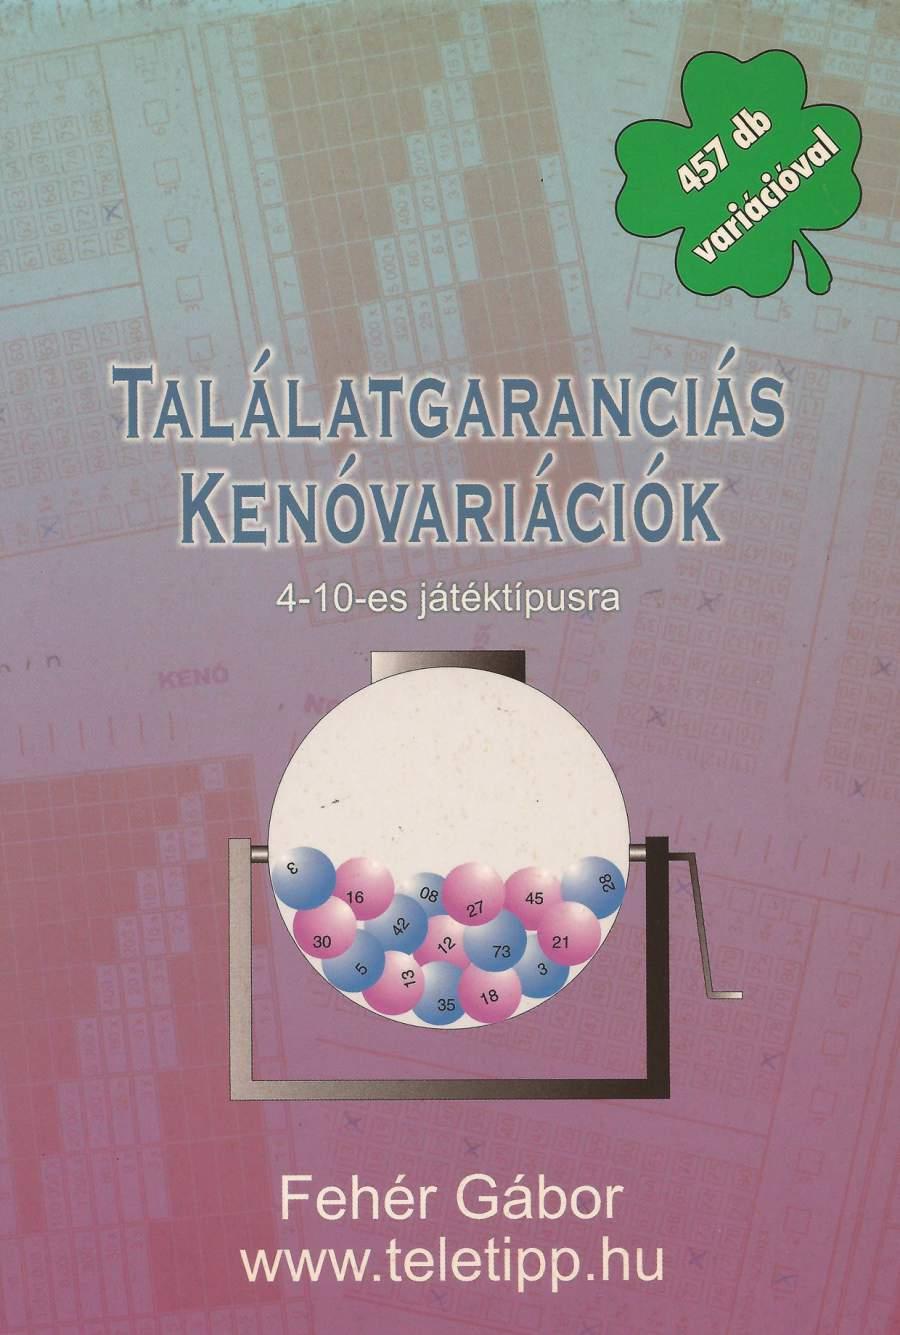 Találatgaranciás Kenóvariációk (457 db)